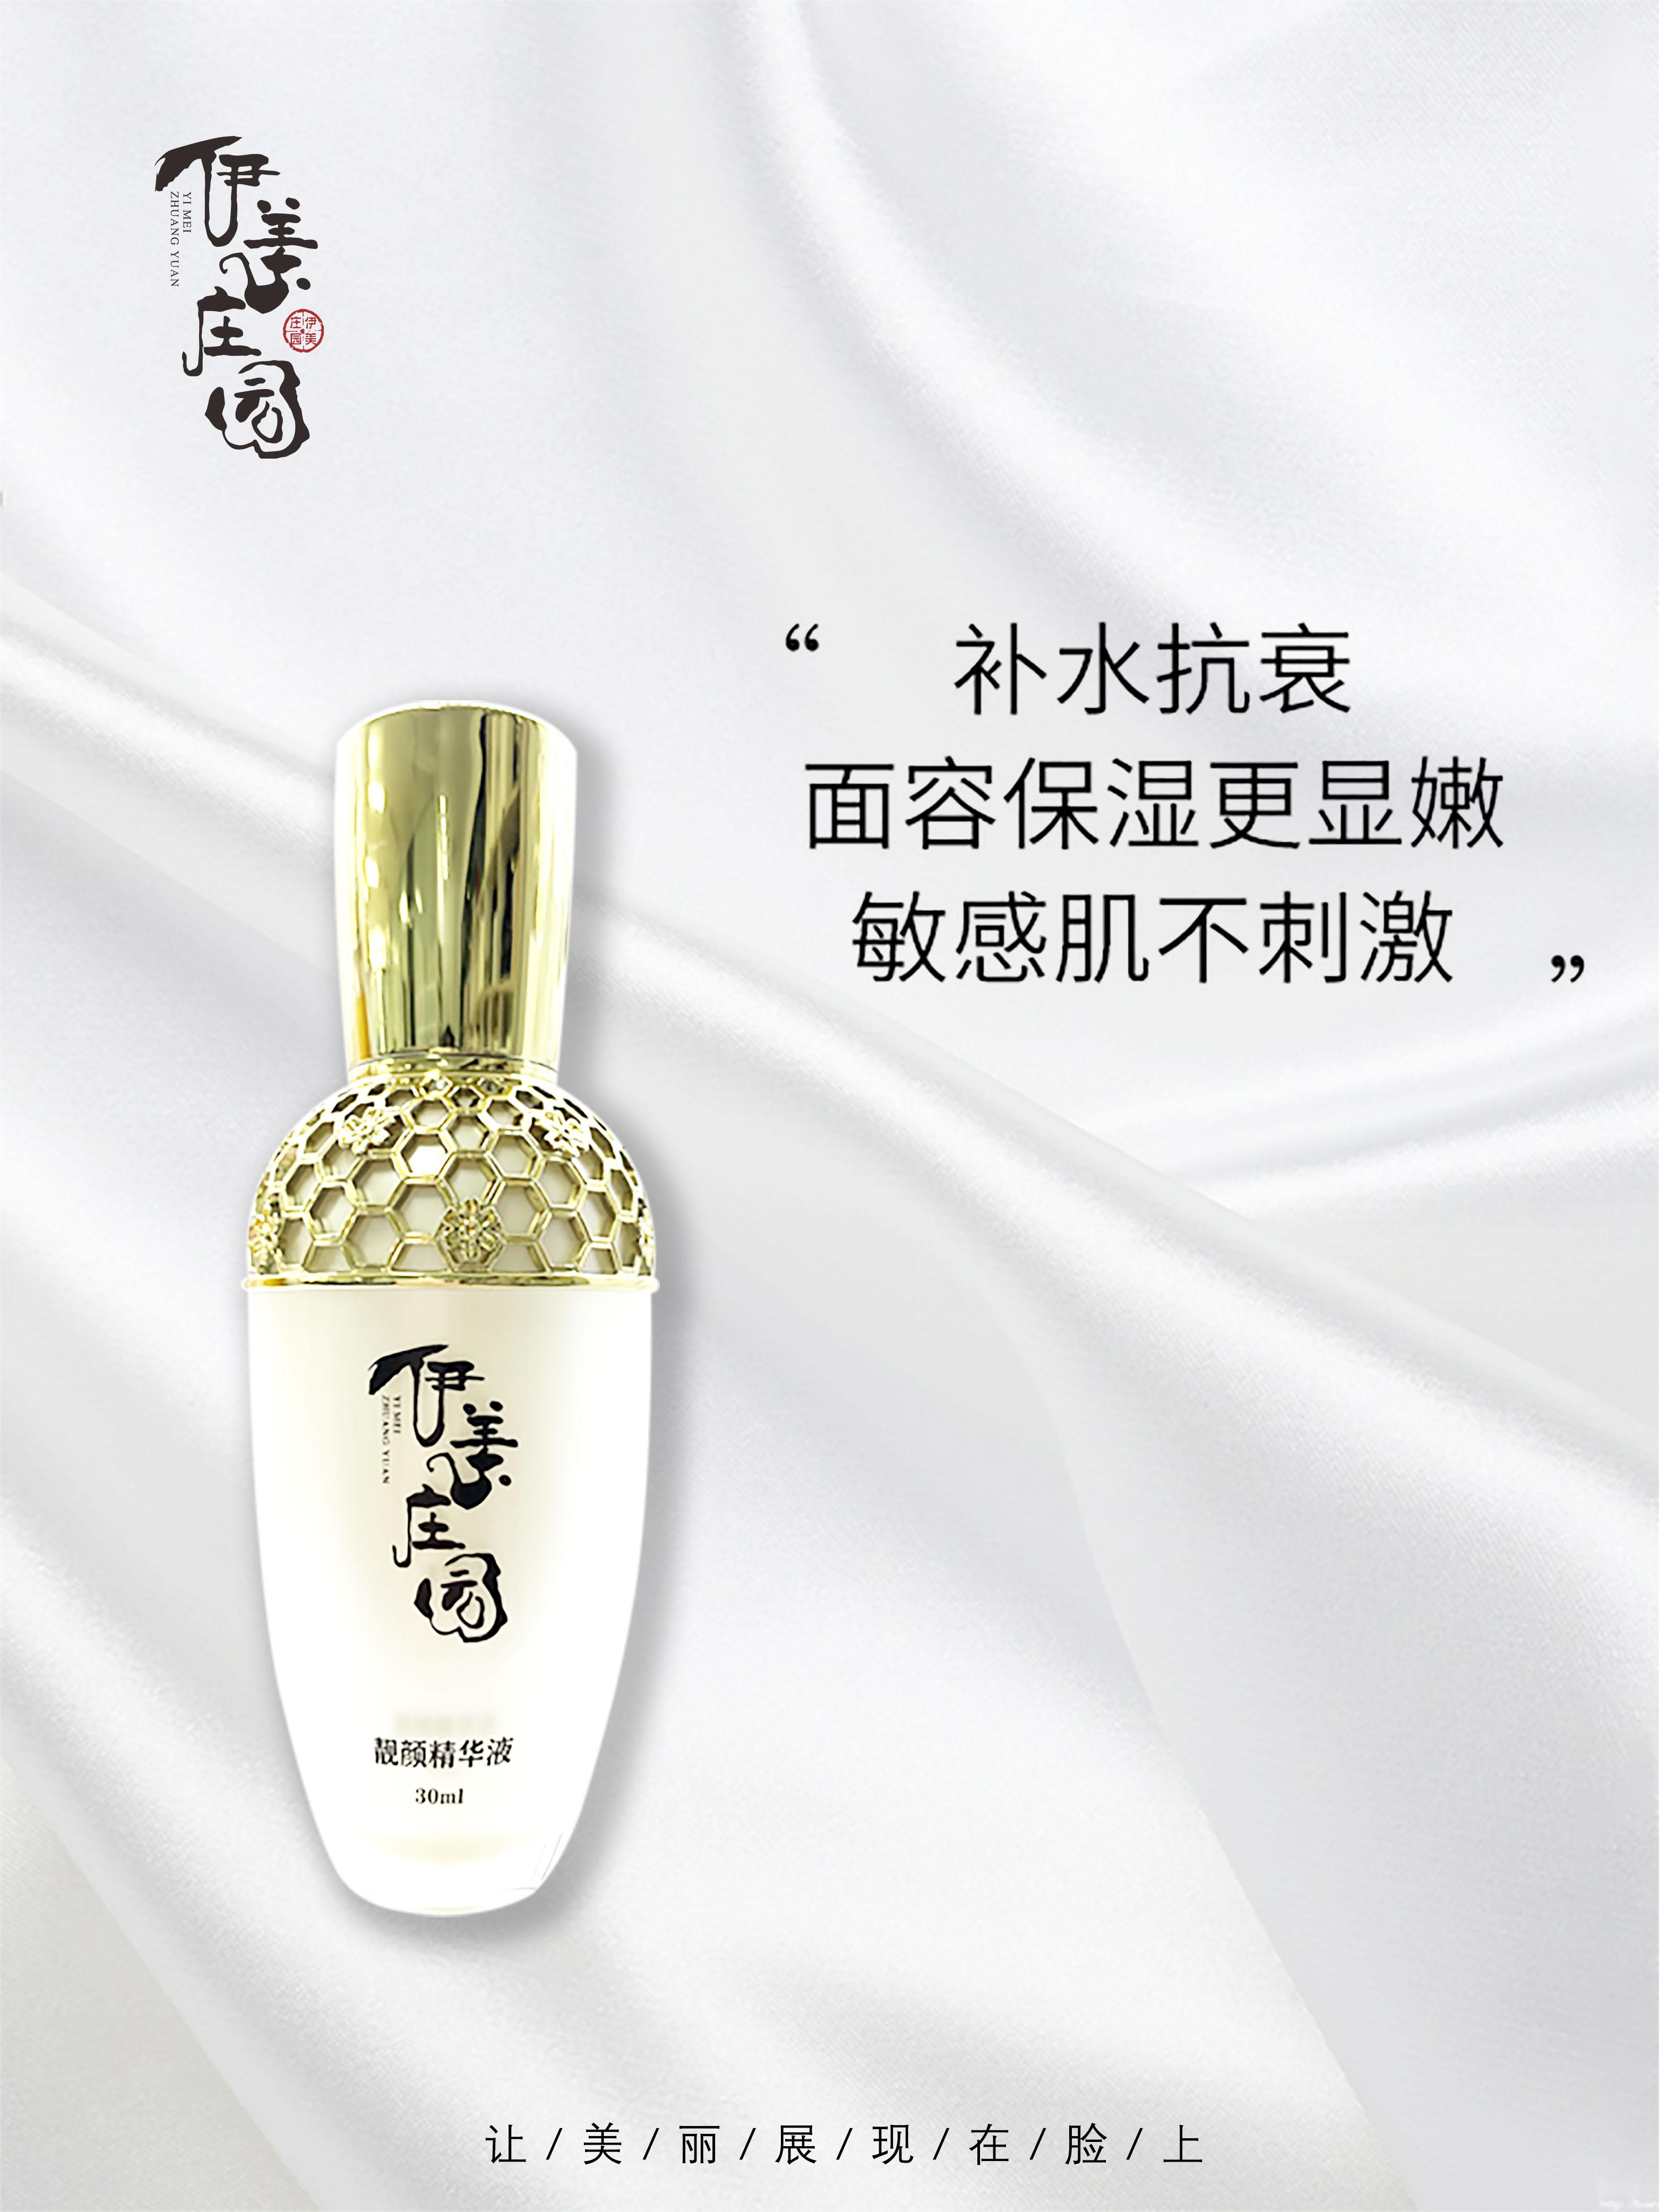 祛斑不反弹的祛斑霜 控色霜 厦门祛斑霜厂家供应